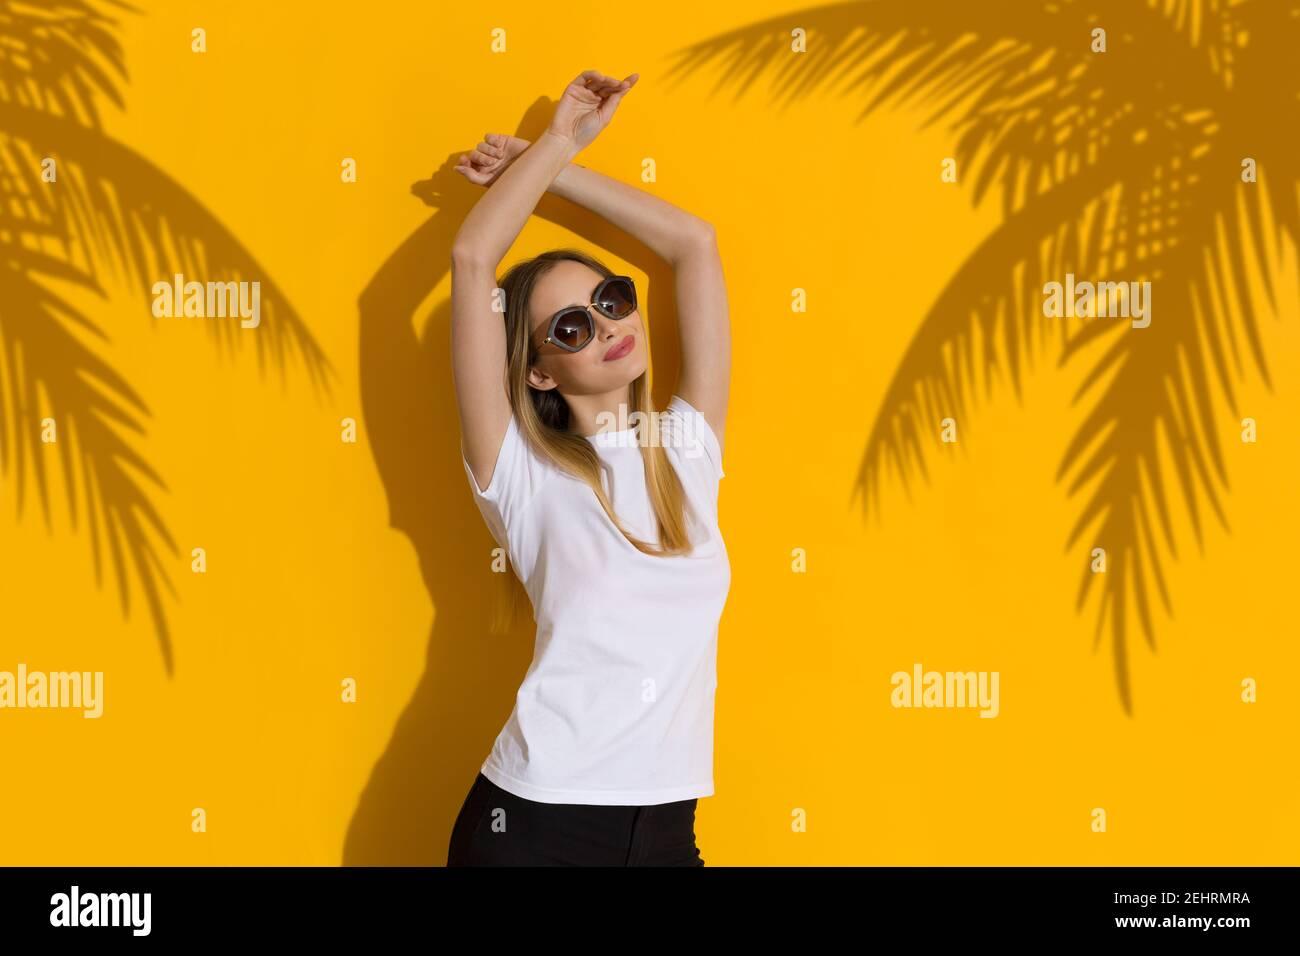 Bonne jeune femme blonde en chemise blanche et lunettes de soleil est debout avec les bras levés contre le mur jaune ensoleillé avec ombre des palmiers. Taille haute. Banque D'Images